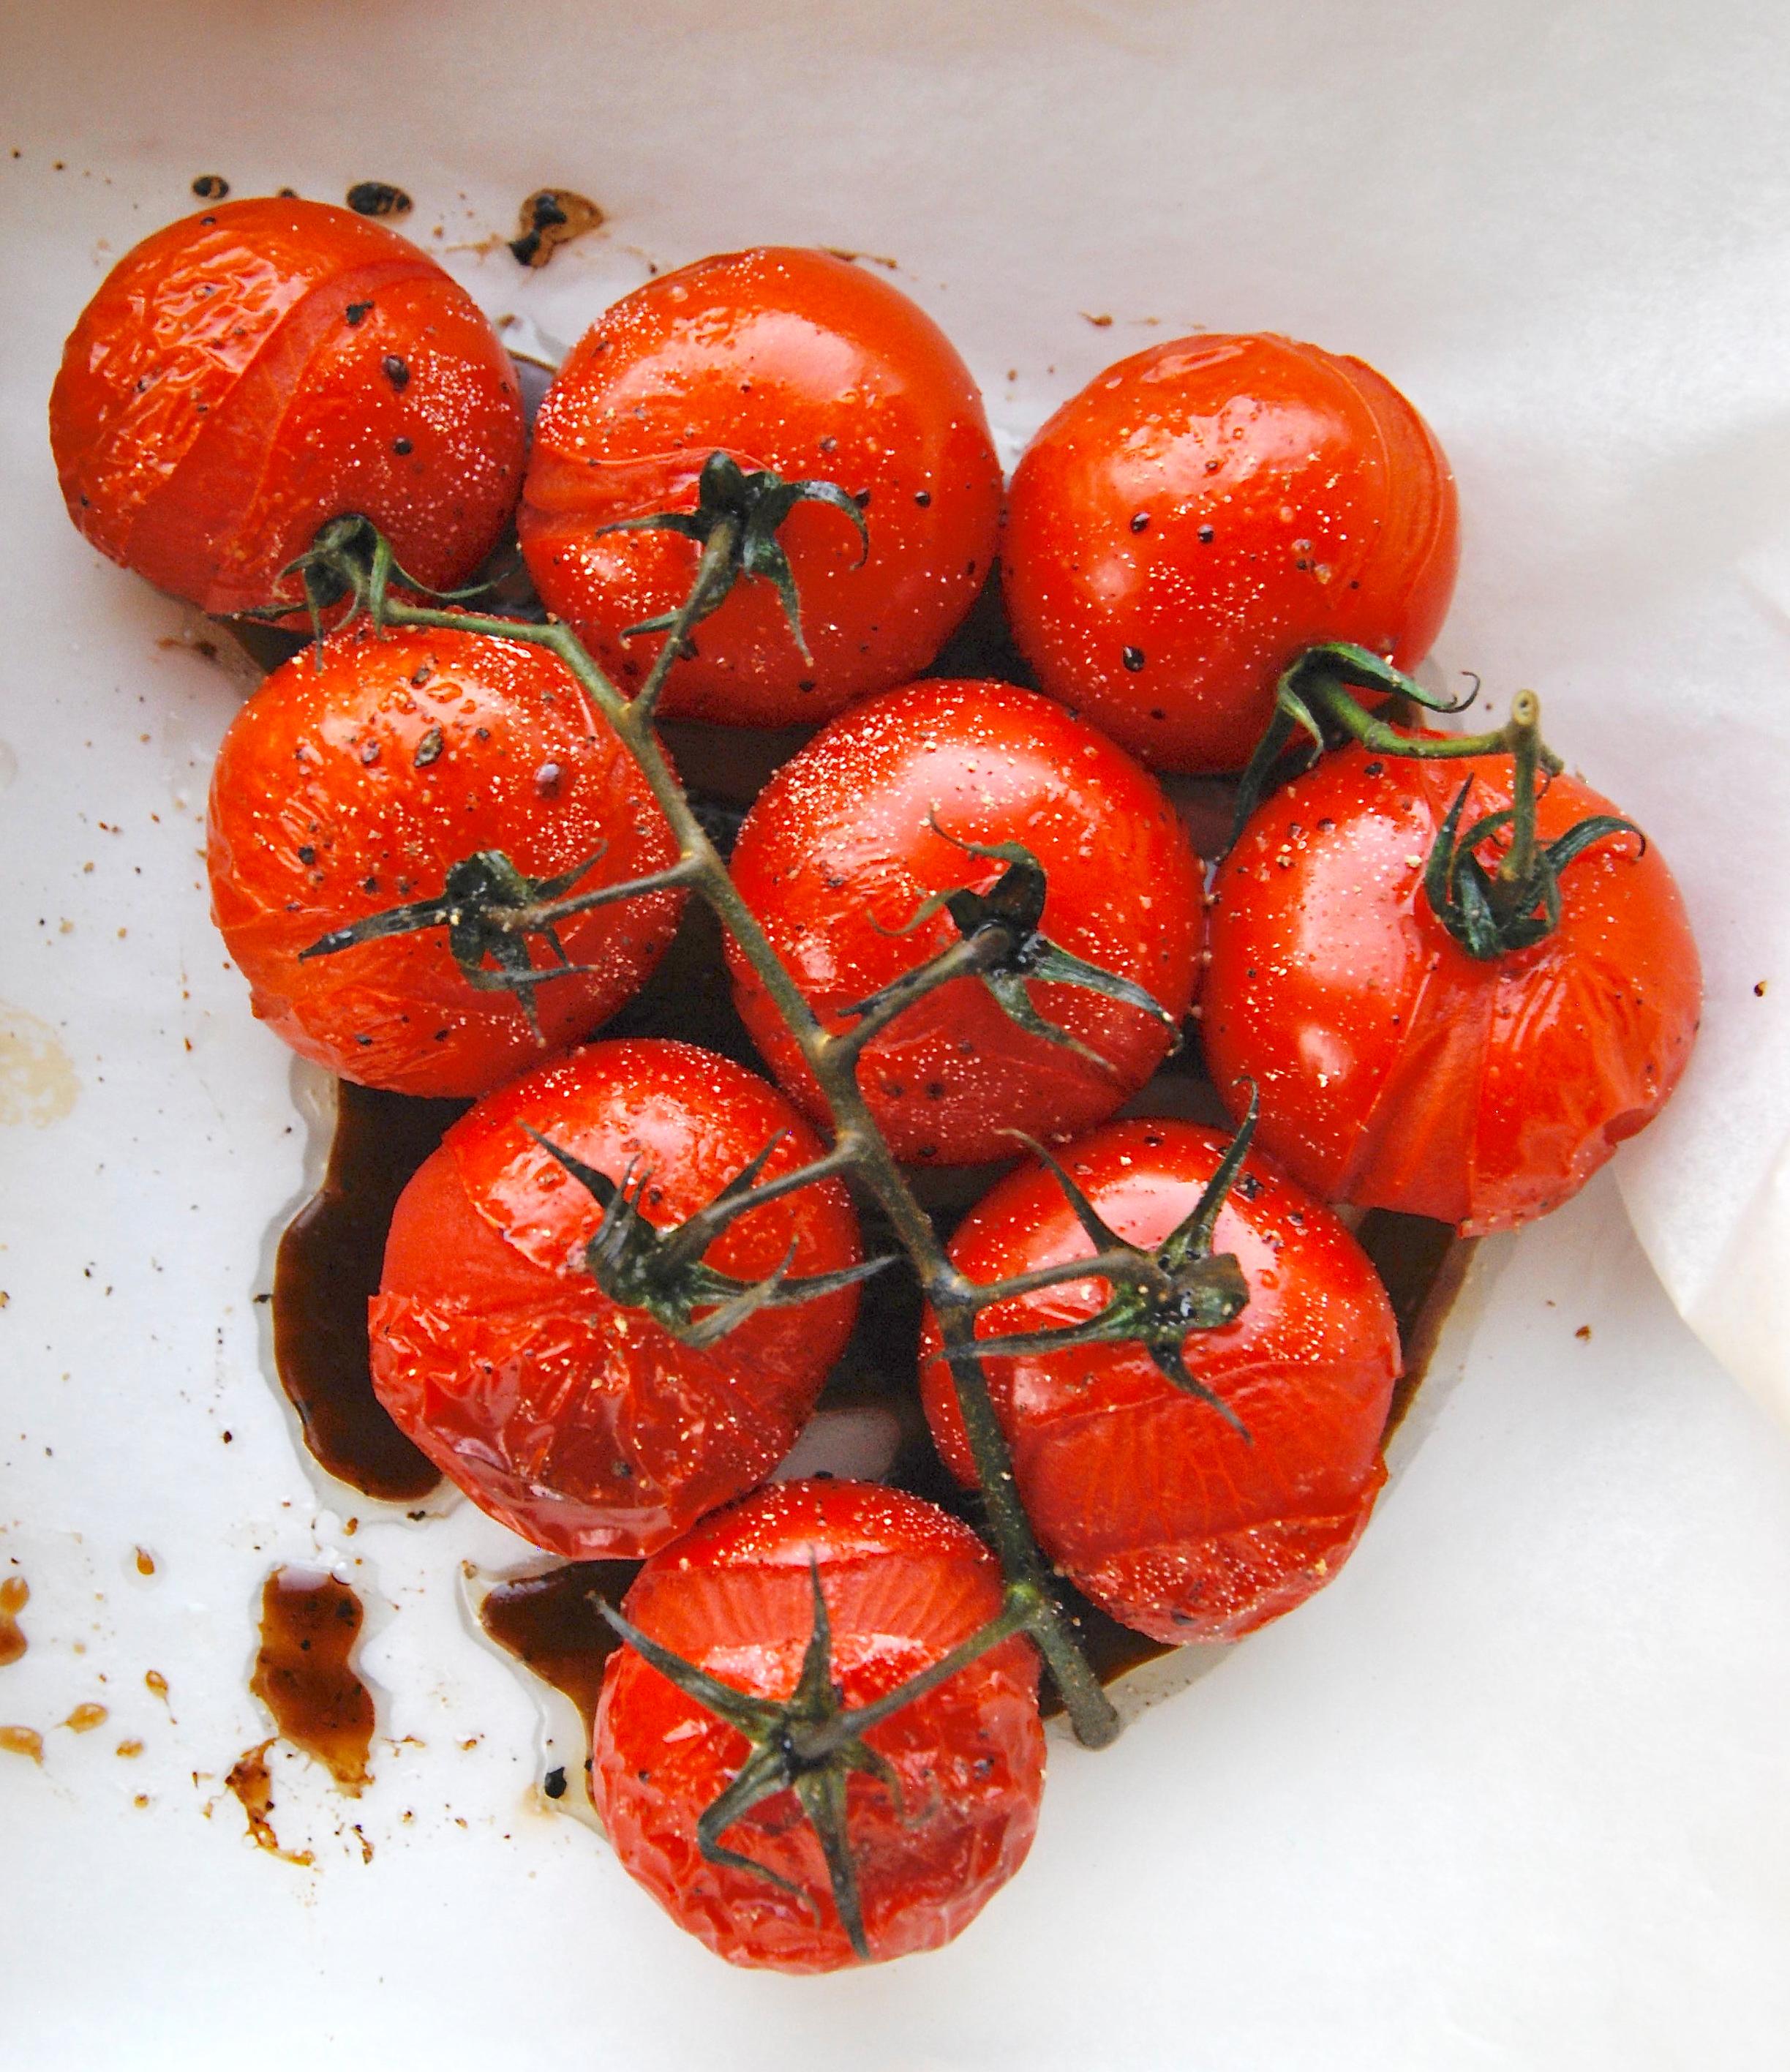 Gepofte tomaatjes uit de oven